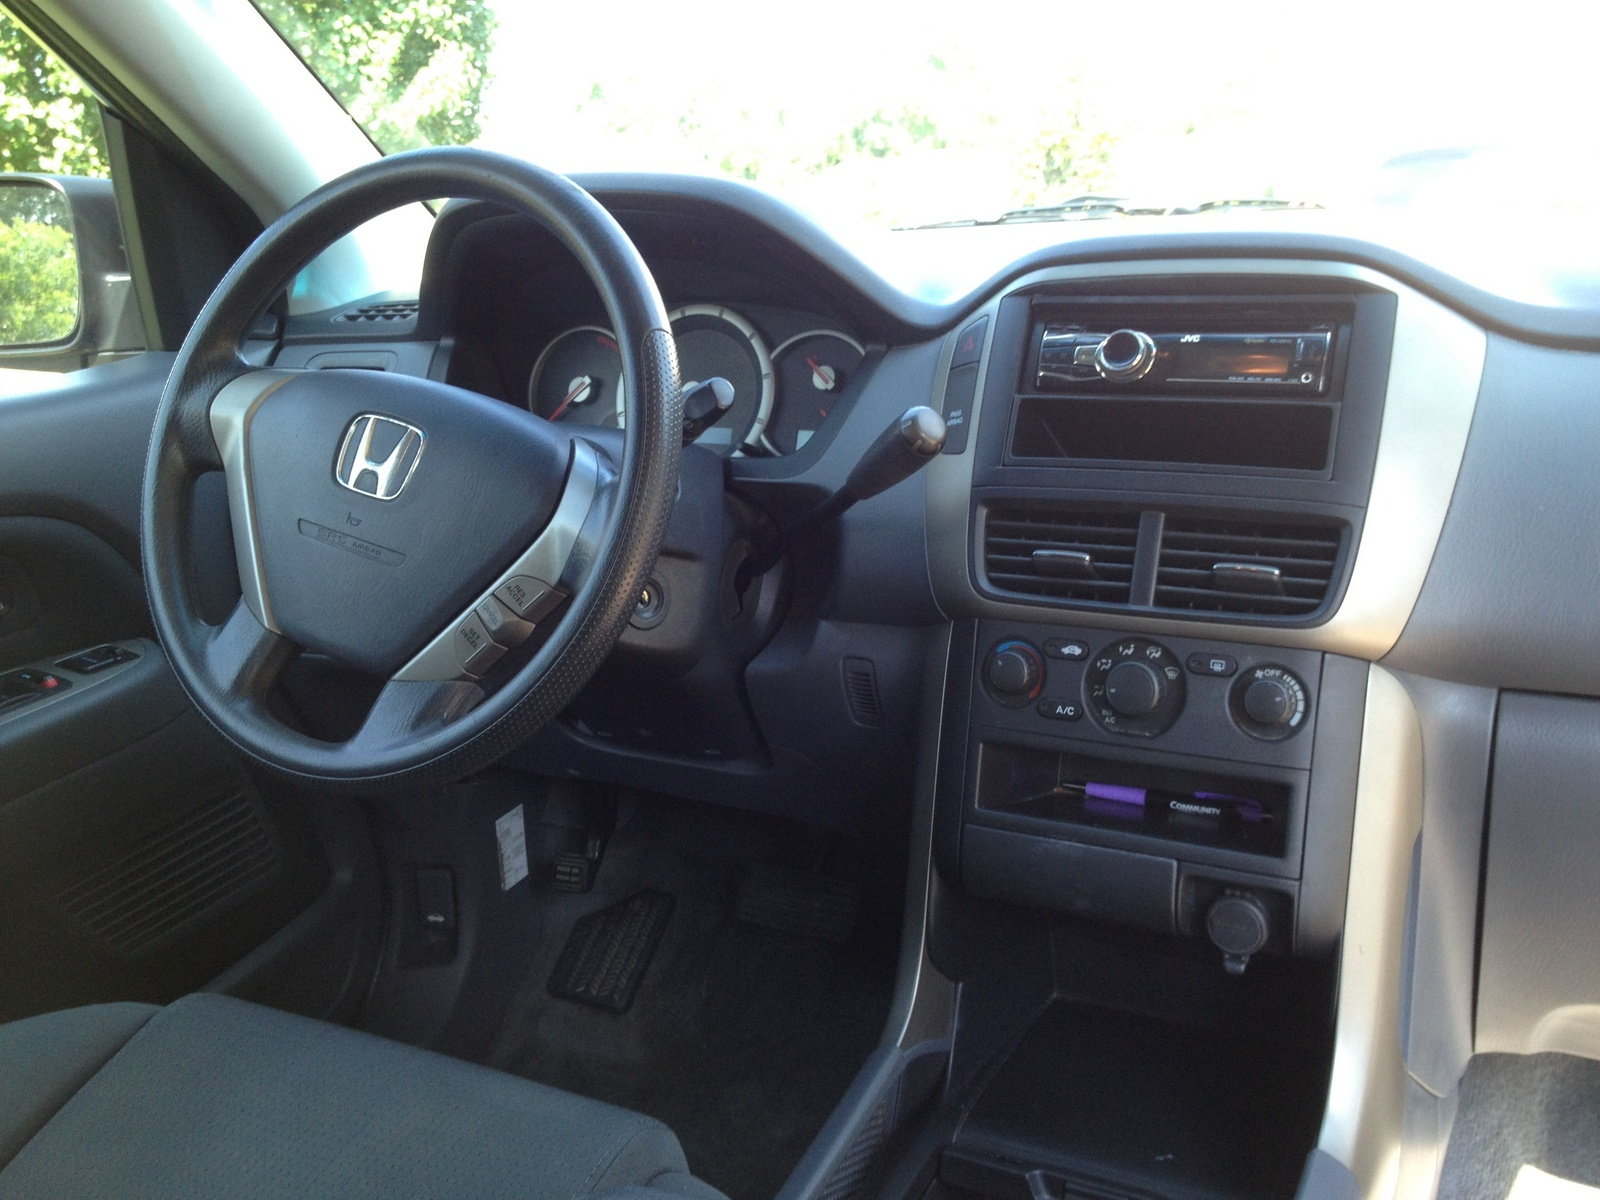 2006 Honda Pilot Interior Pictures Cargurus